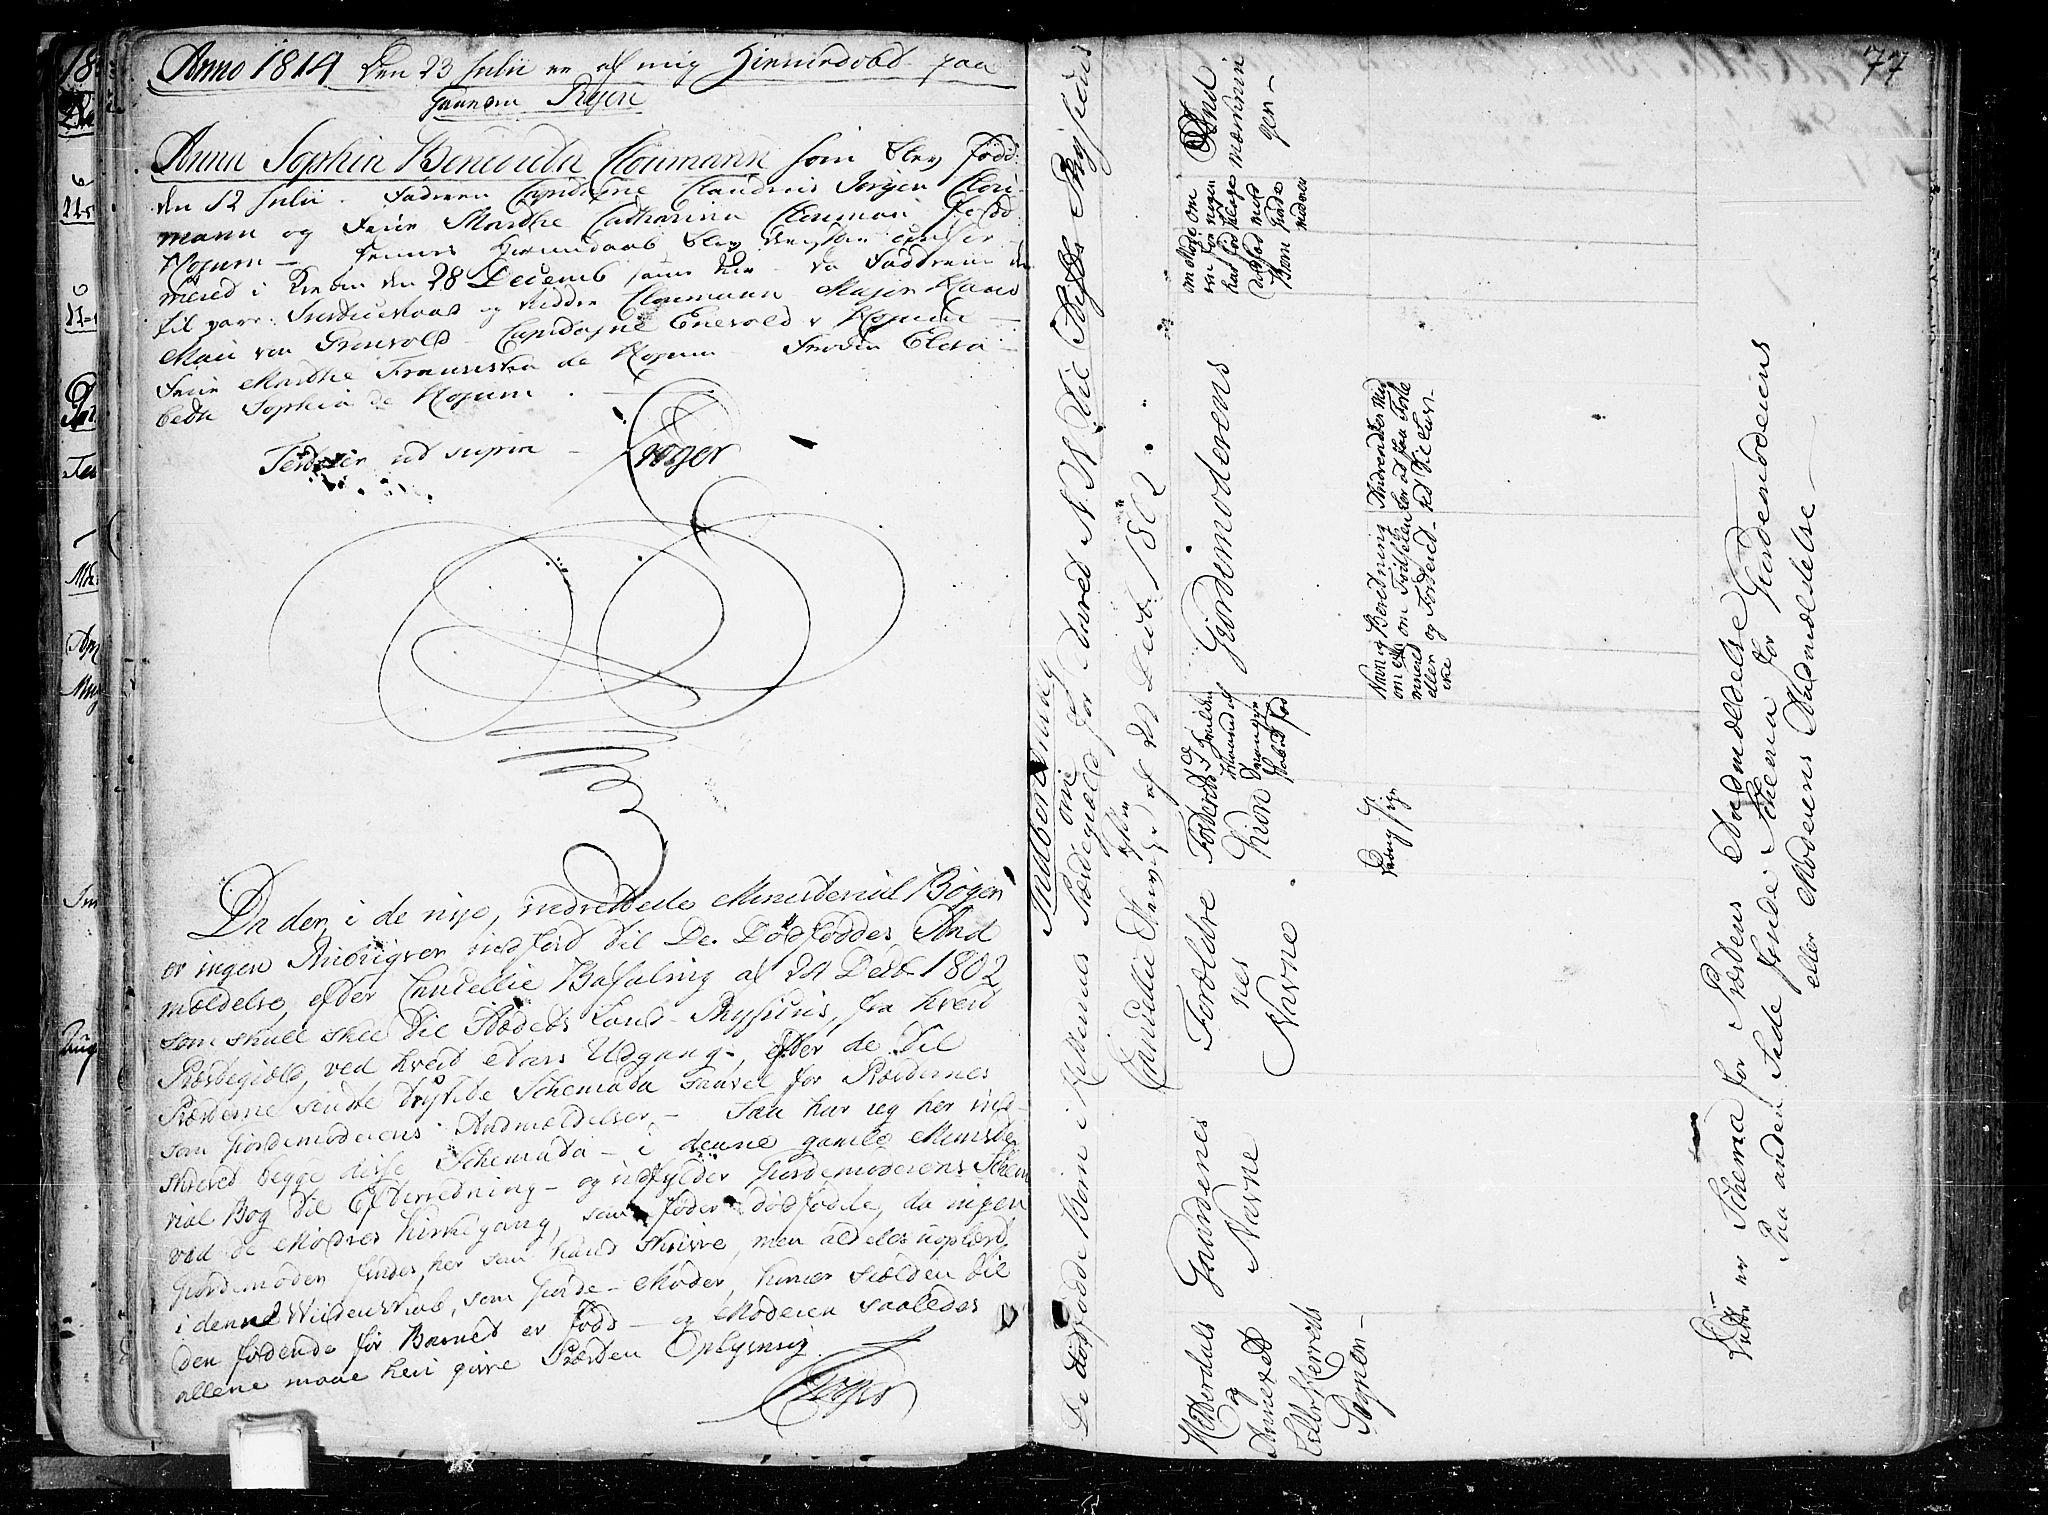 SAKO, Heddal kirkebøker, F/Fa/L0004: Ministerialbok nr. I 4, 1784-1814, s. 77